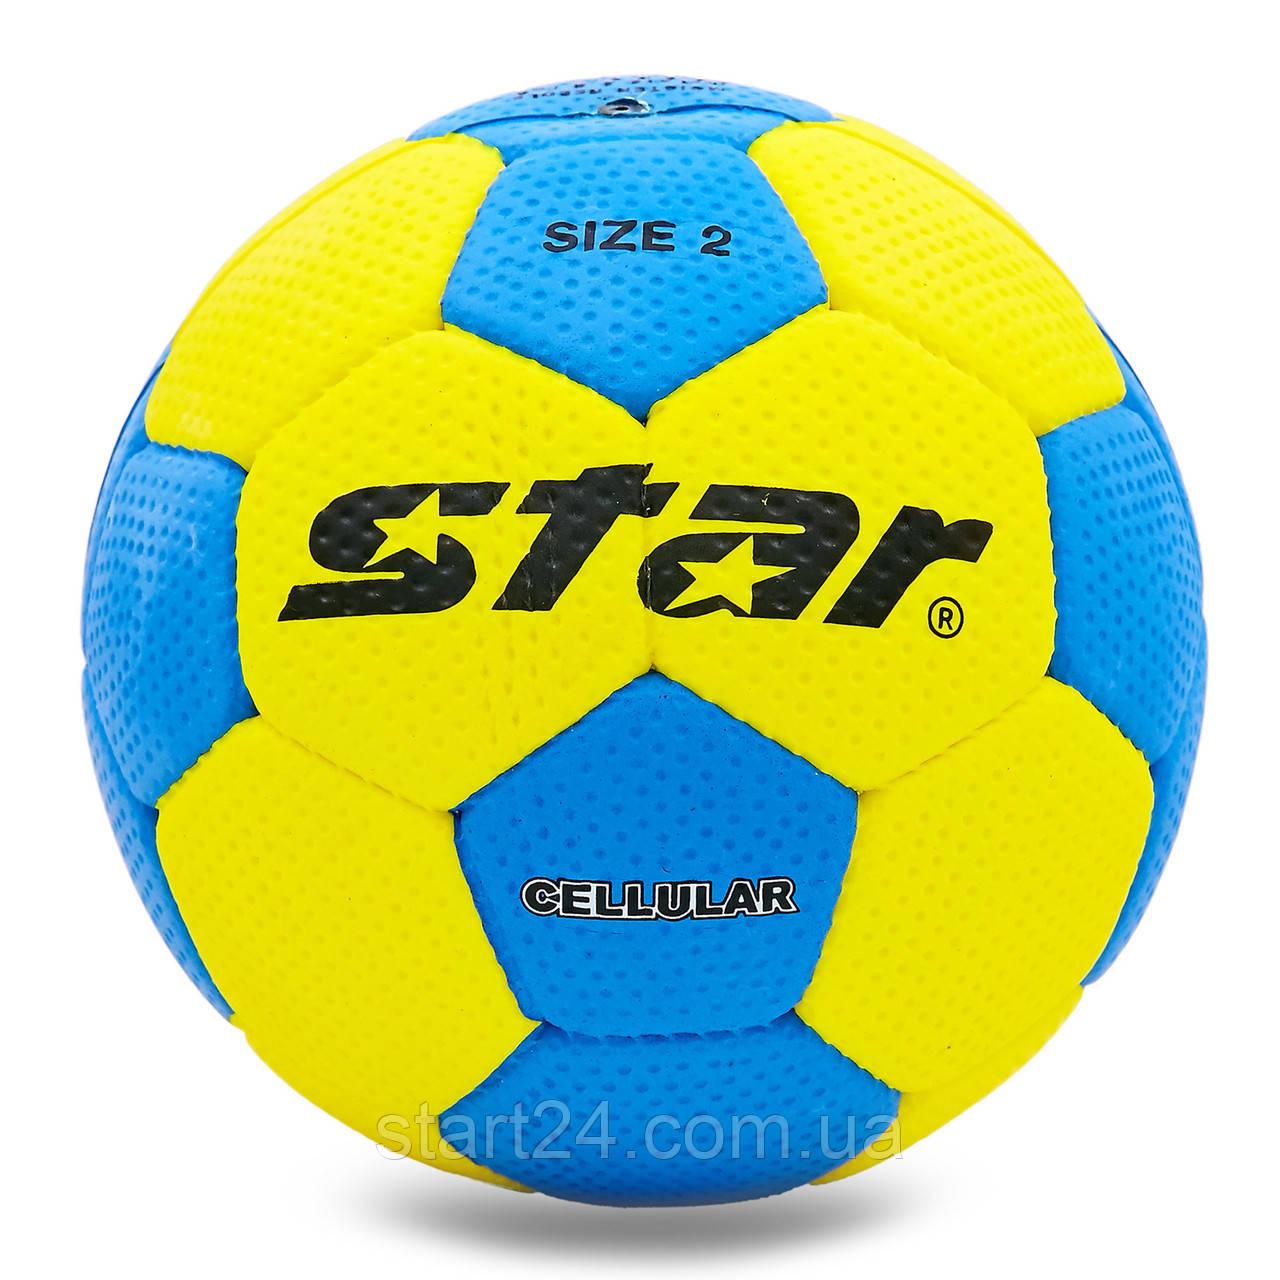 Мяч для гандбола Outdoor покрытие вспененная резина STAR JMC02002 (PU, р-р 2, голубой-желтый)